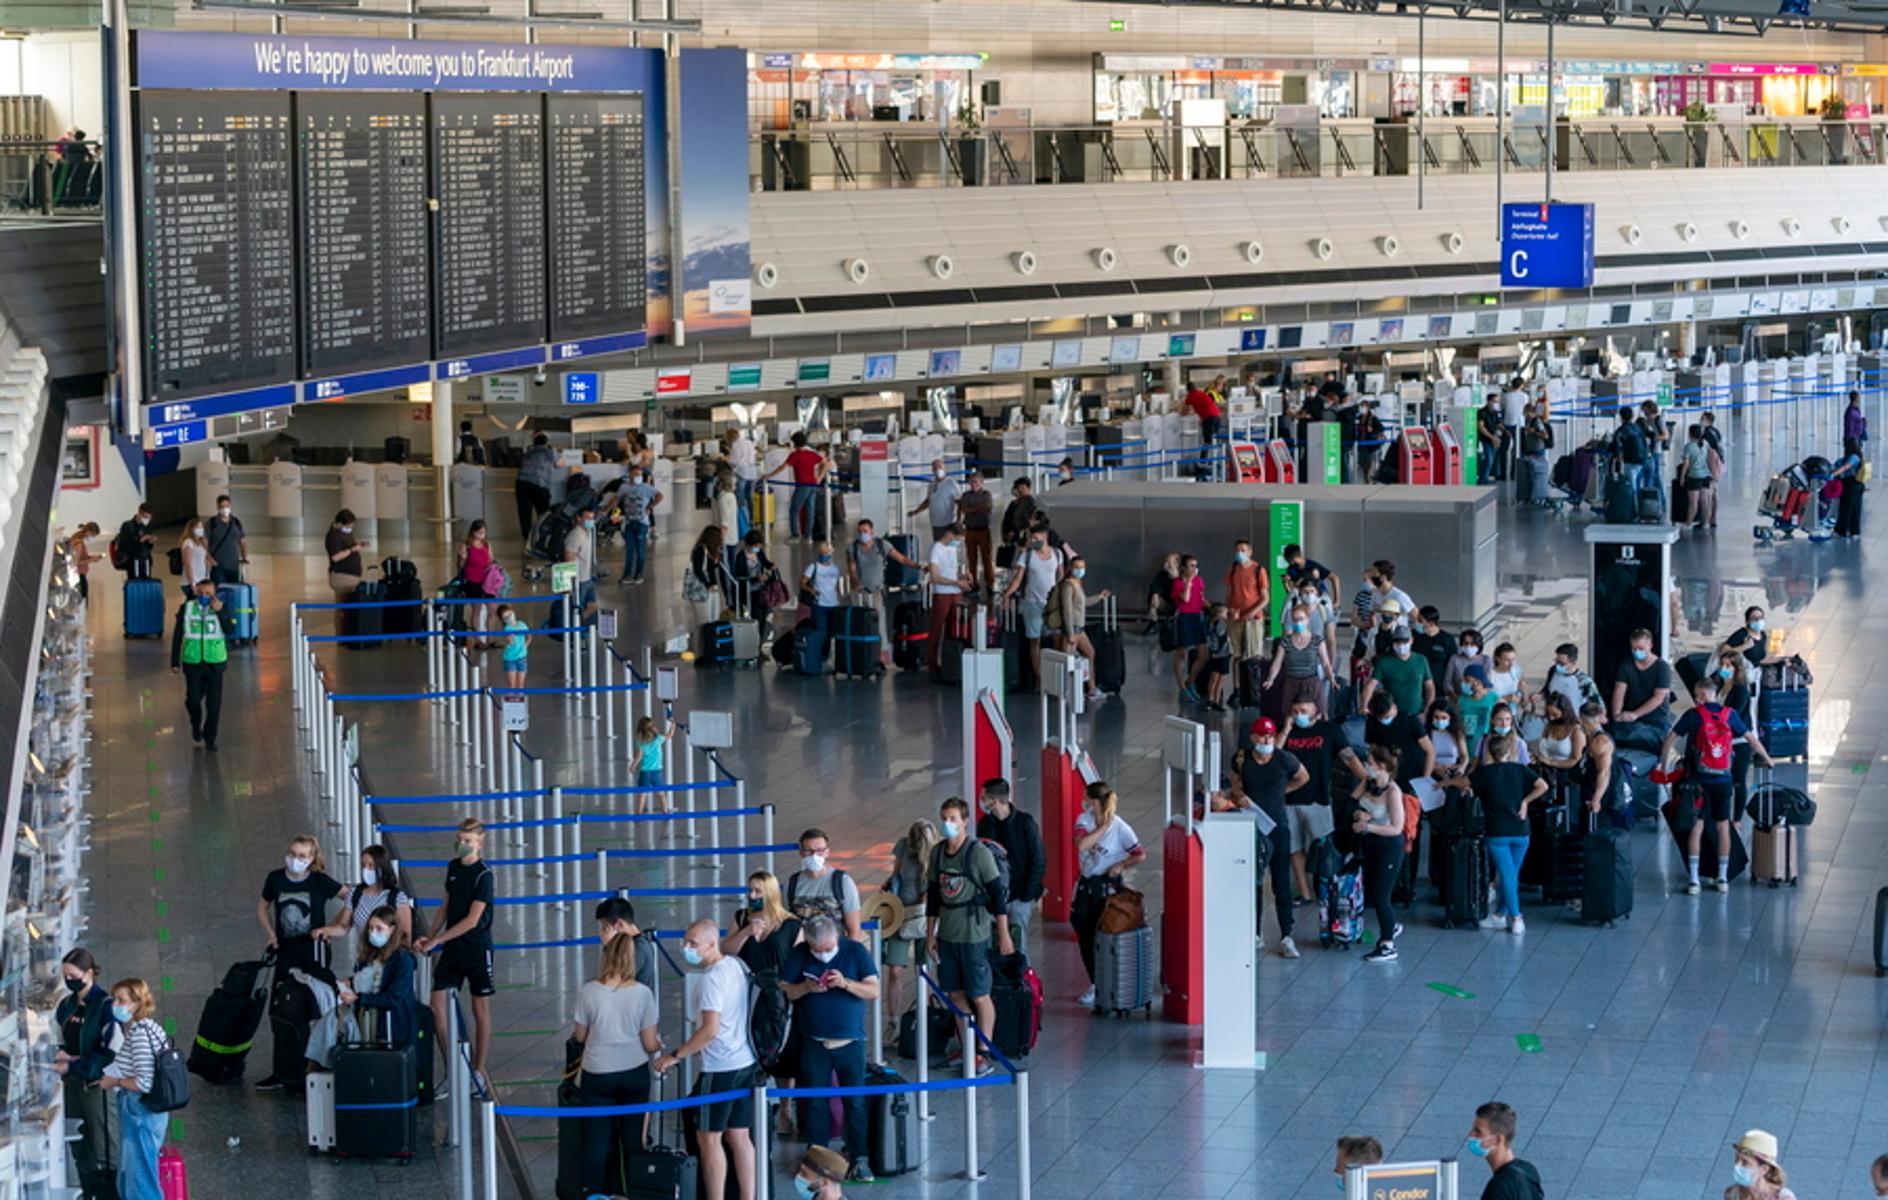 Γερμανία: Σκέψεις για μηδενισμό των διεθνών πτήσεων στο εσωτερικό της